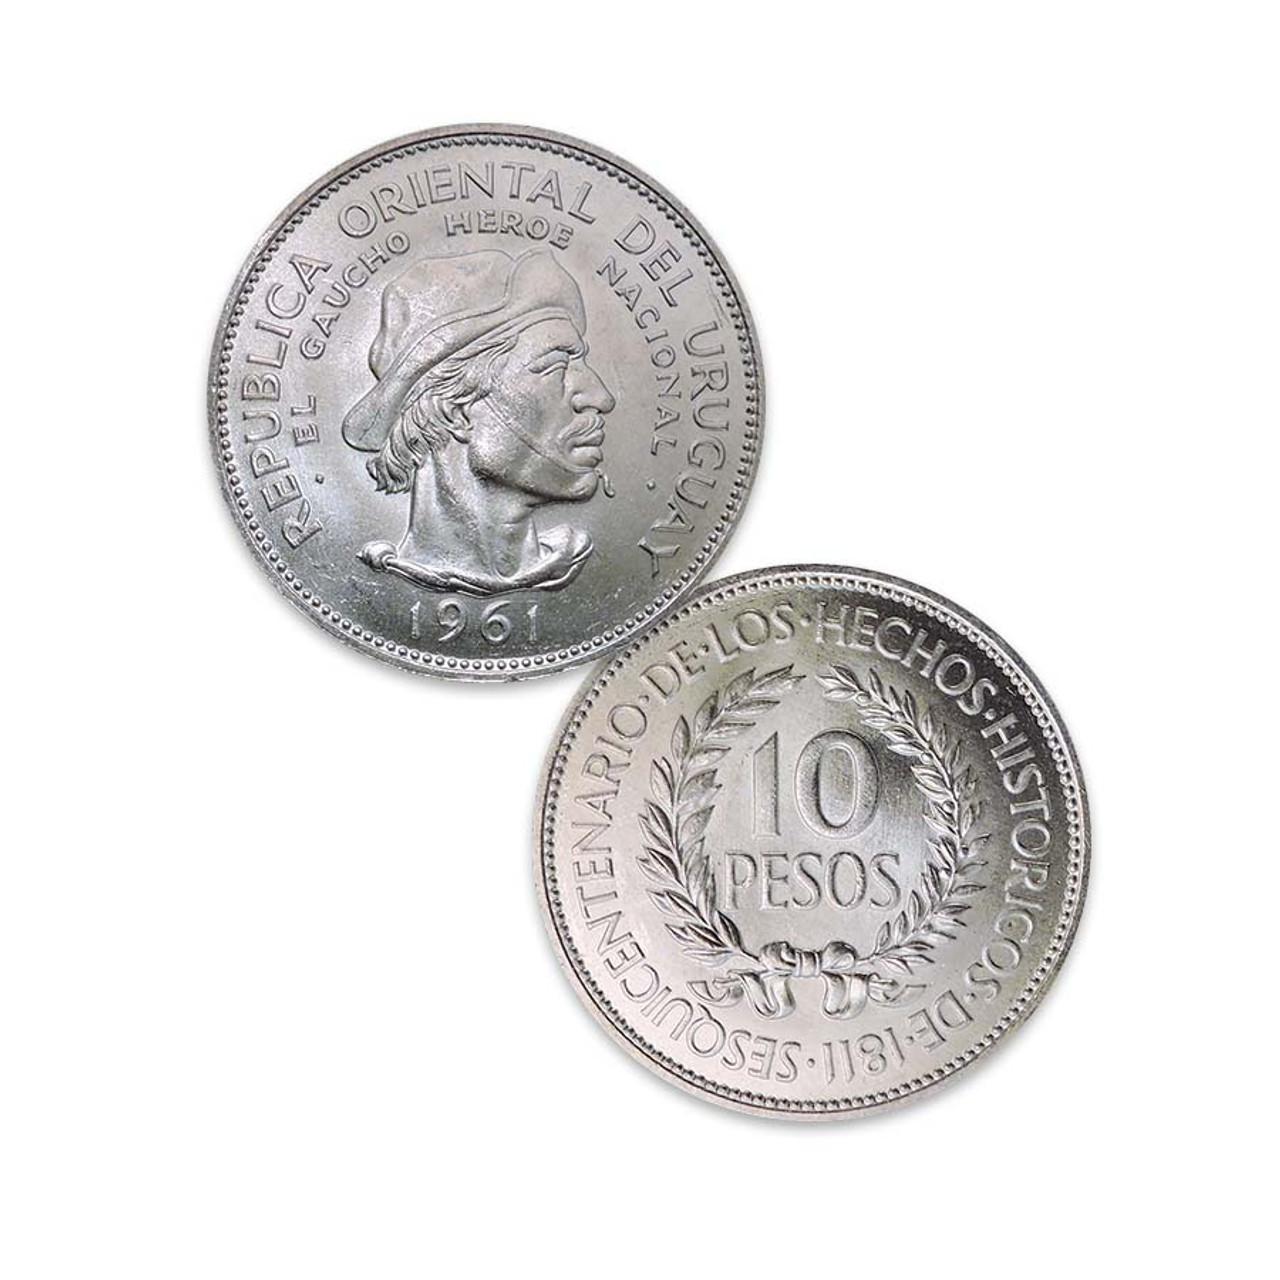 Uruguay 1961 El Gaucho Silver 10 Pesos Image 1